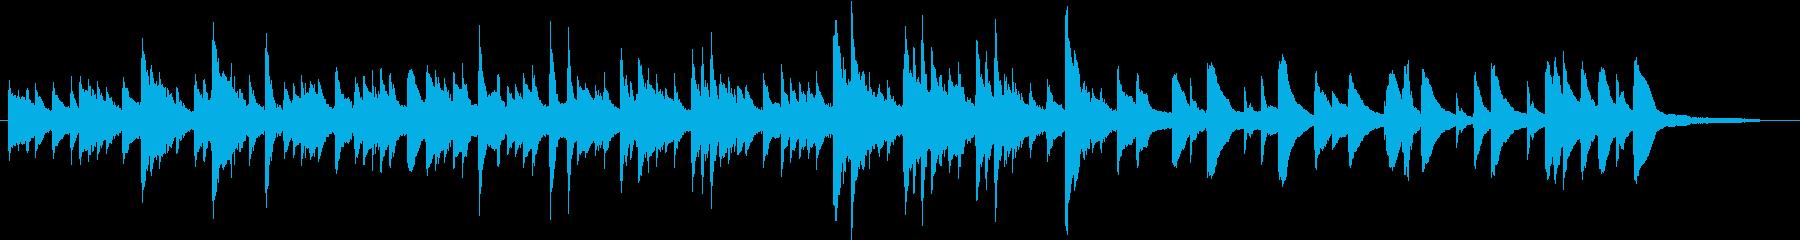 洋楽ピアノ 不安と希望 映像 ヒーリングの再生済みの波形